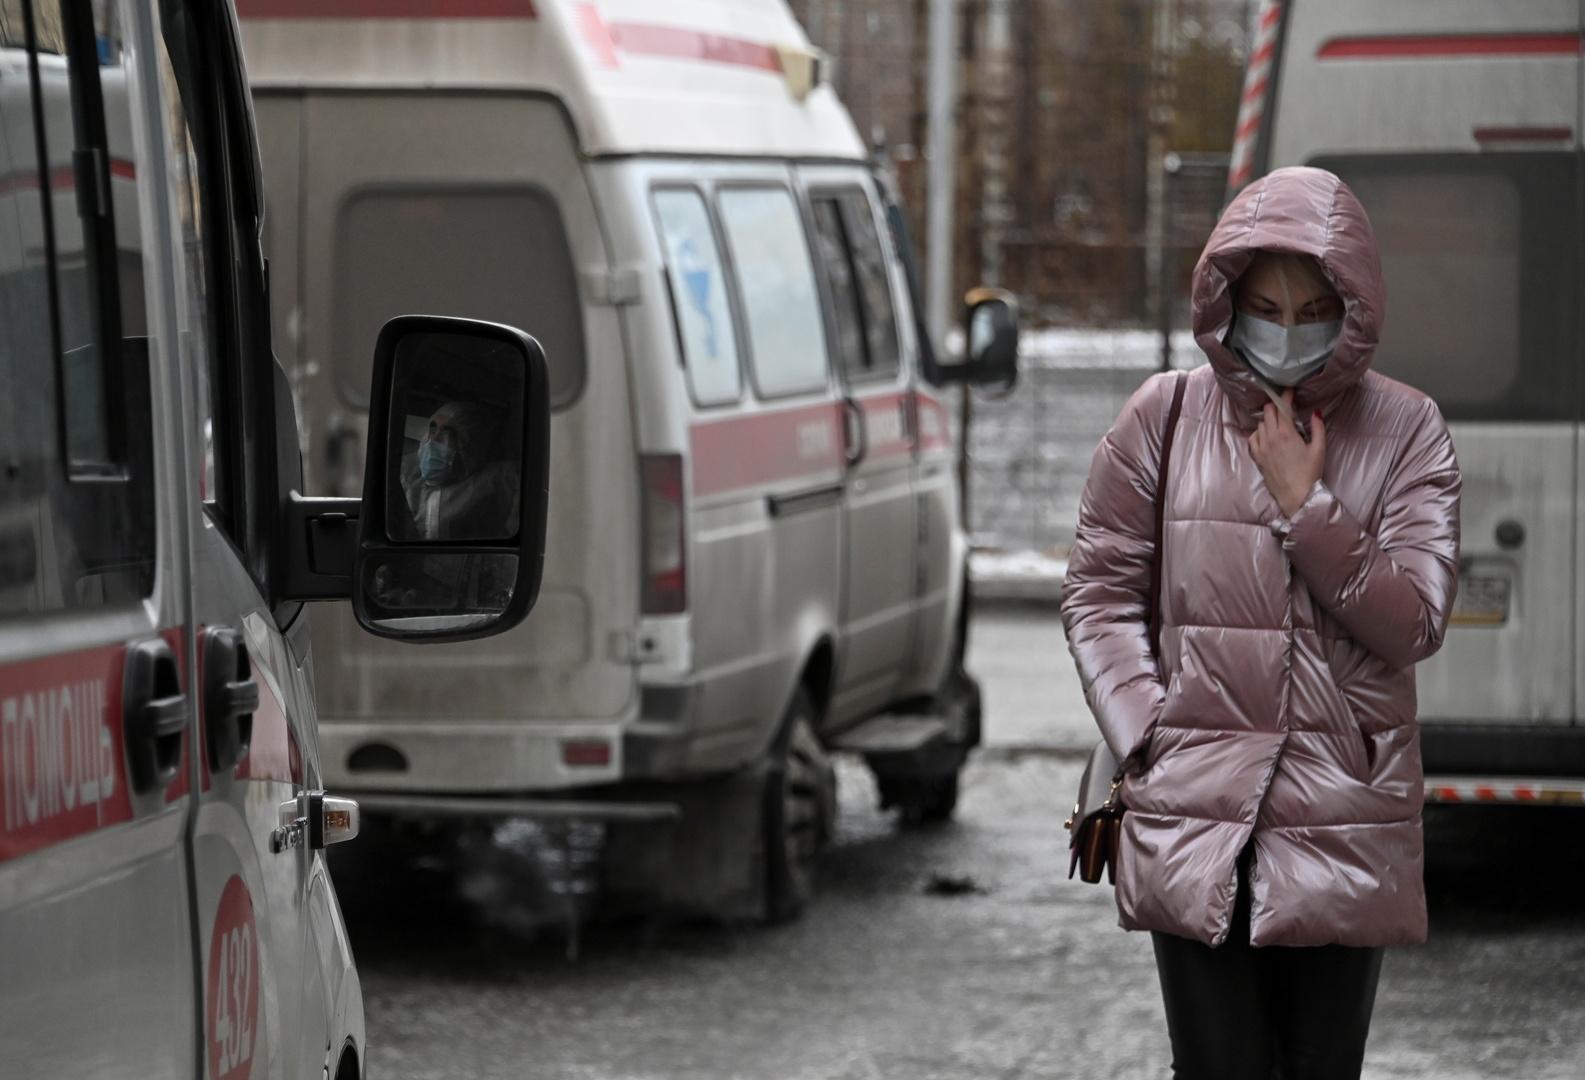 روسيا.. الإصابات الجديدة بكورونا فوق الـ22 ألفا والوفيات تتجاوز الـ800 لليوم الـ6